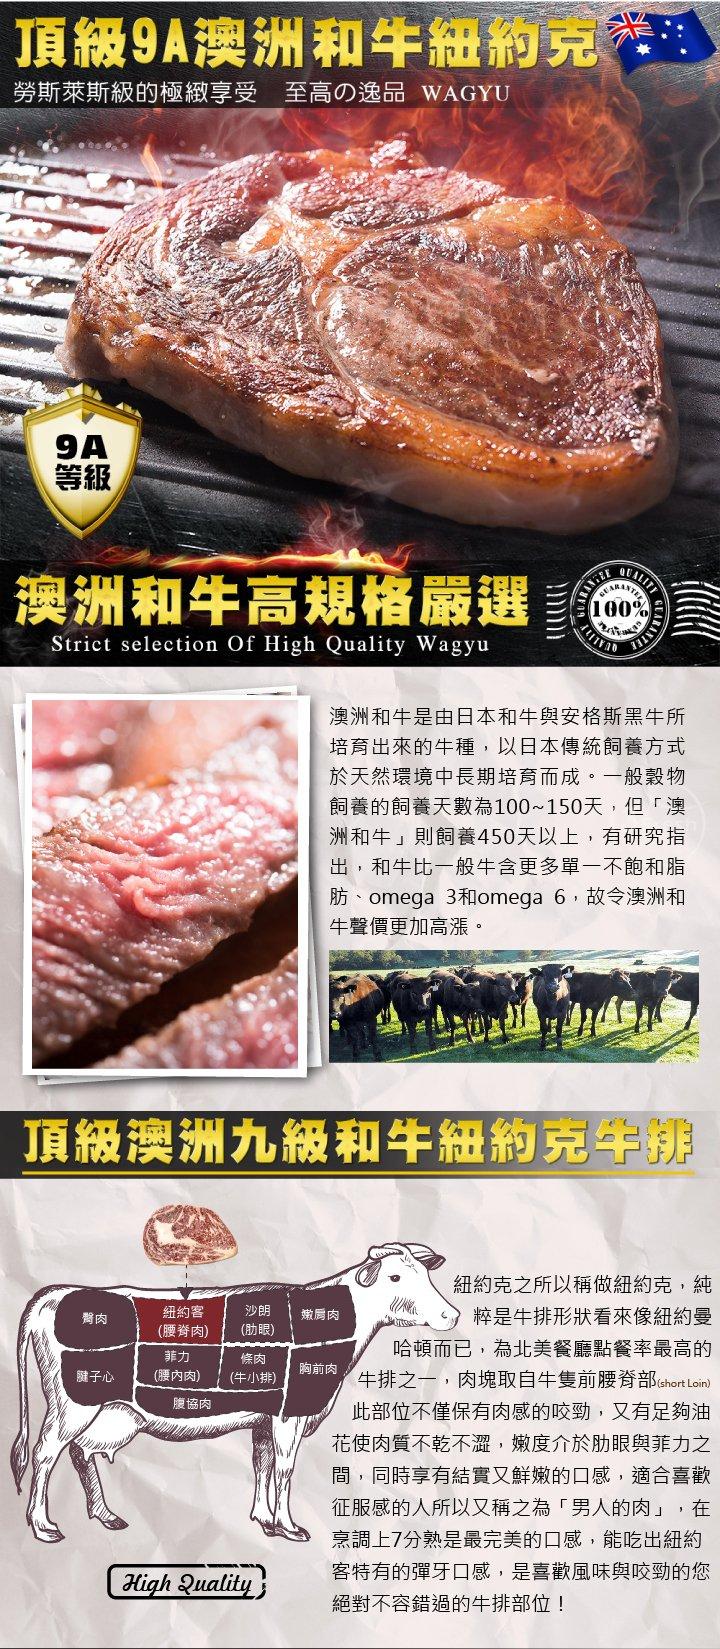 頂級9A澳洲和牛紐約客牛排